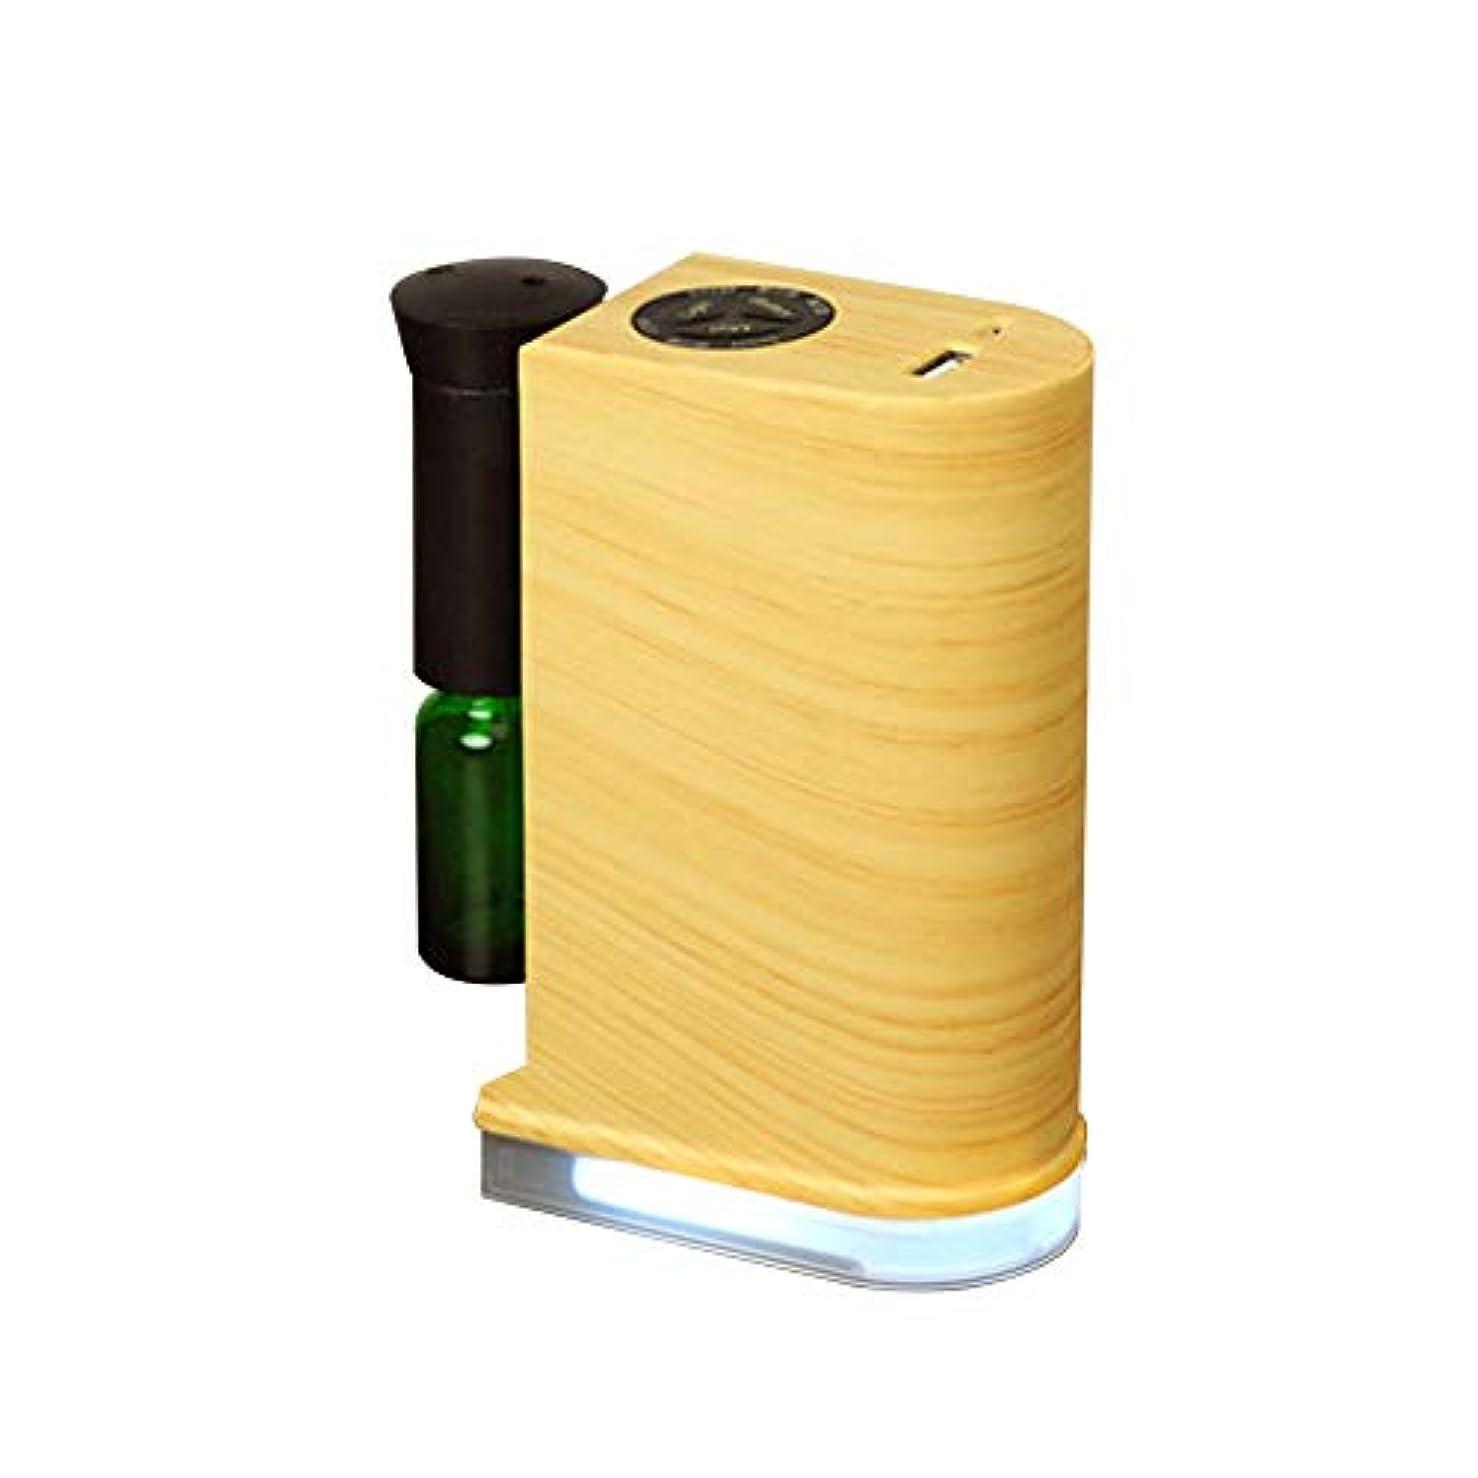 ワット剛性降ろすネブライザー式アロマディフューザー 水を使わない アロマオイル対応 LEDライト付き スマホ充電可能 USBポート付き 木目調 (ナチュラル)